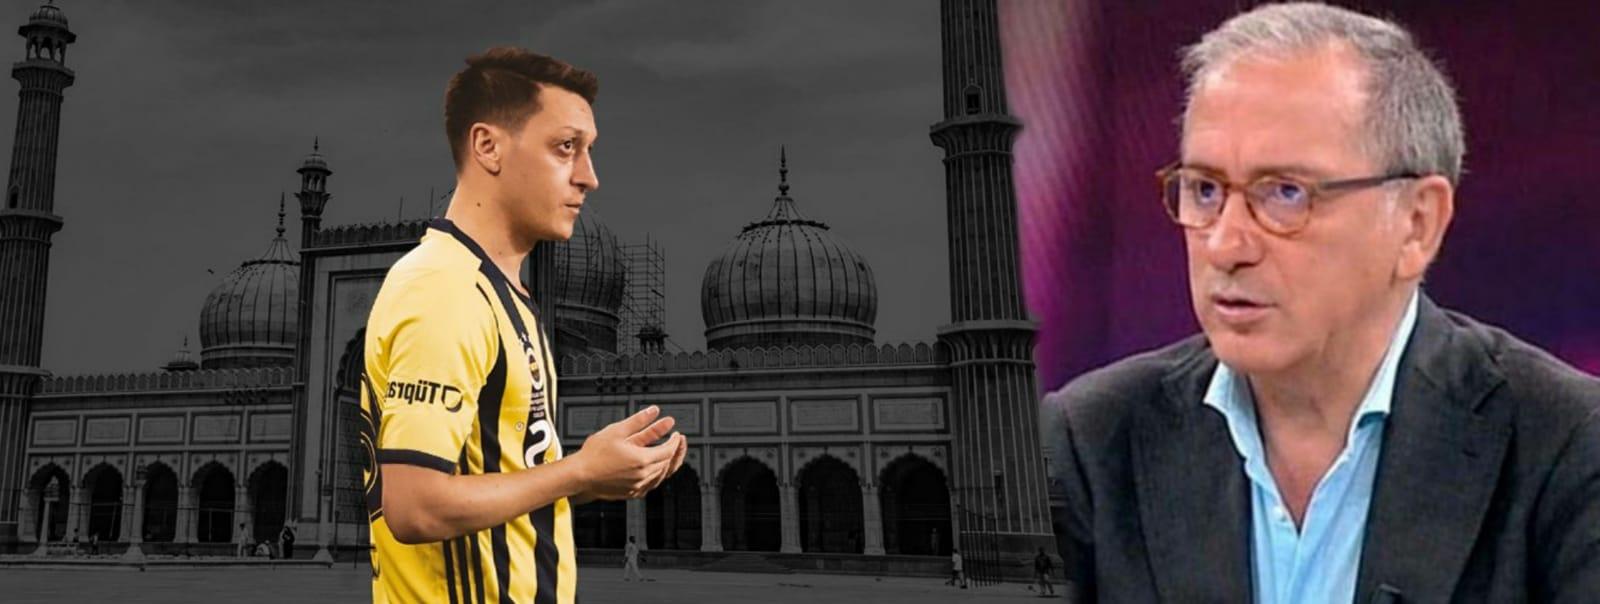 Fatih Altaylı Mesut Özil'in Camii paylaşımına ve dua etmesine rahatsız oldu